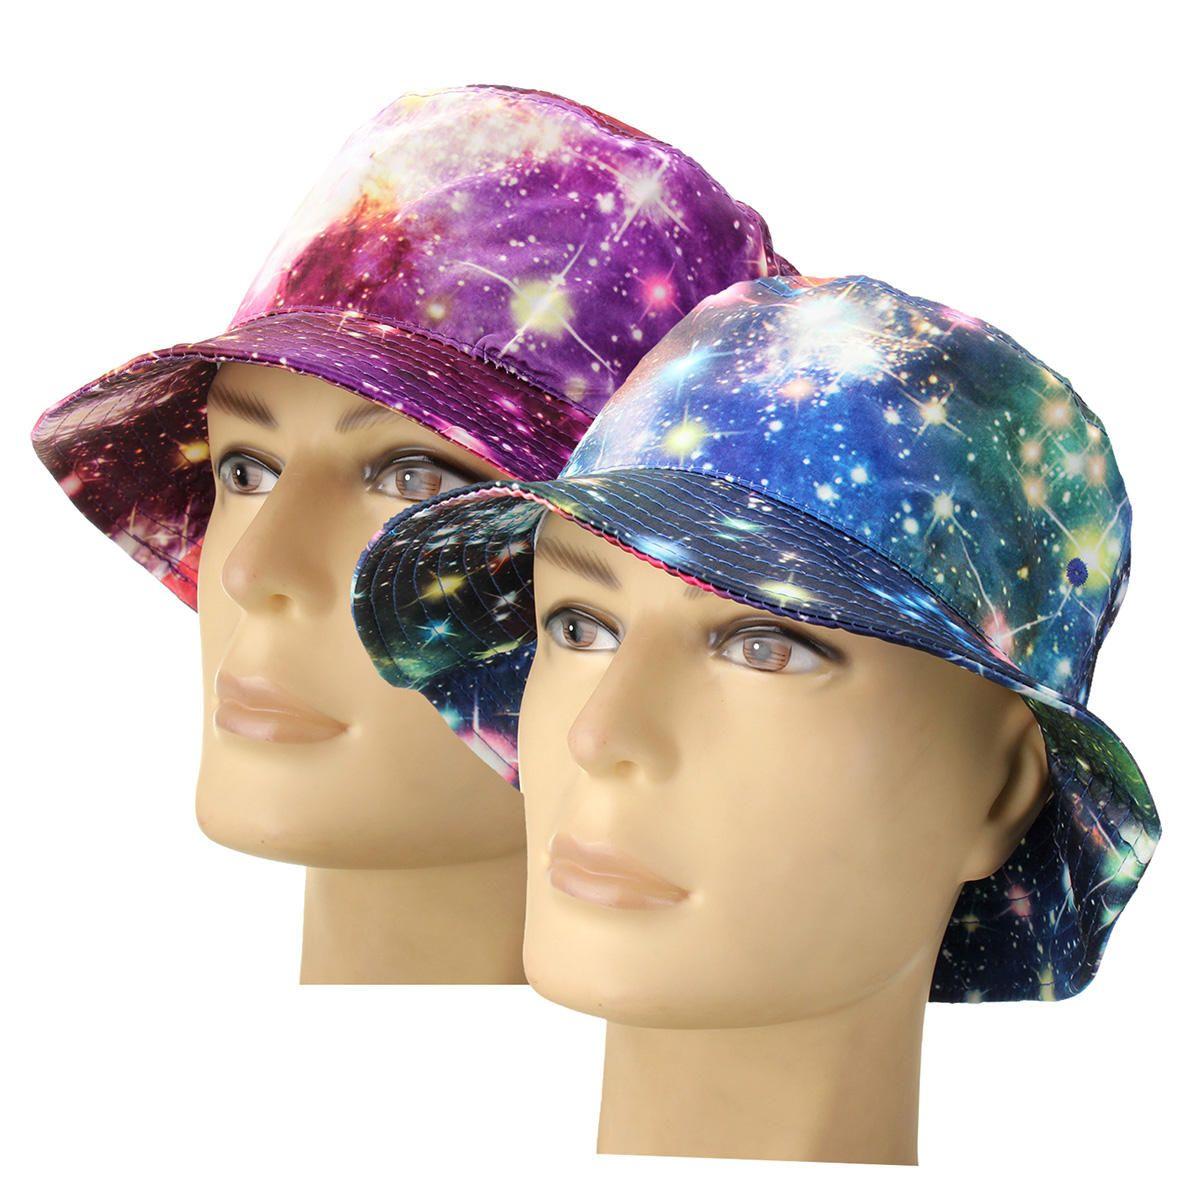 5a8f4d49a58 Unisex Men Women Galaxy Starry Sky Bucket Hunting Fishing Outdoor Cap  Summer Beach Hats